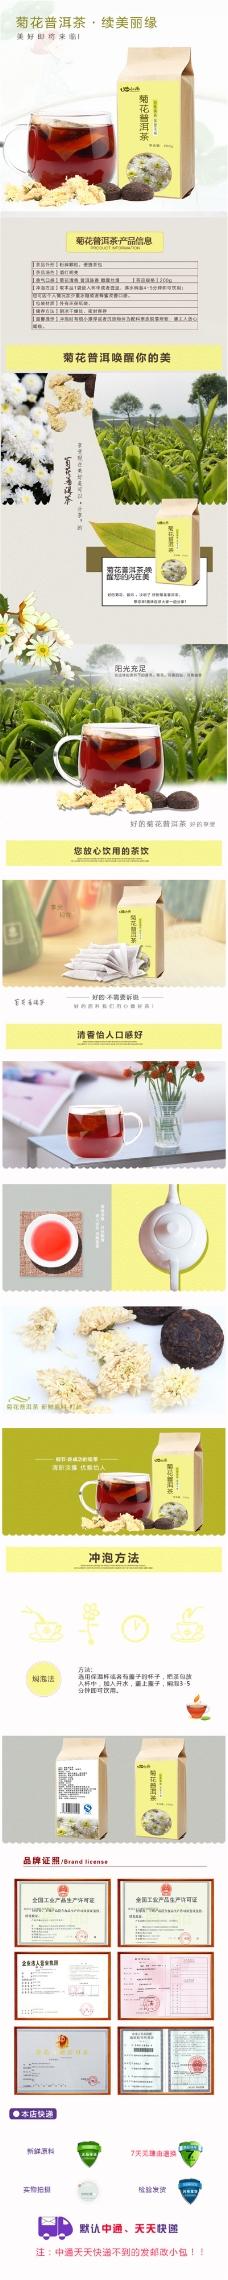 菊花普洱茶 茶详情页PSD免费下载